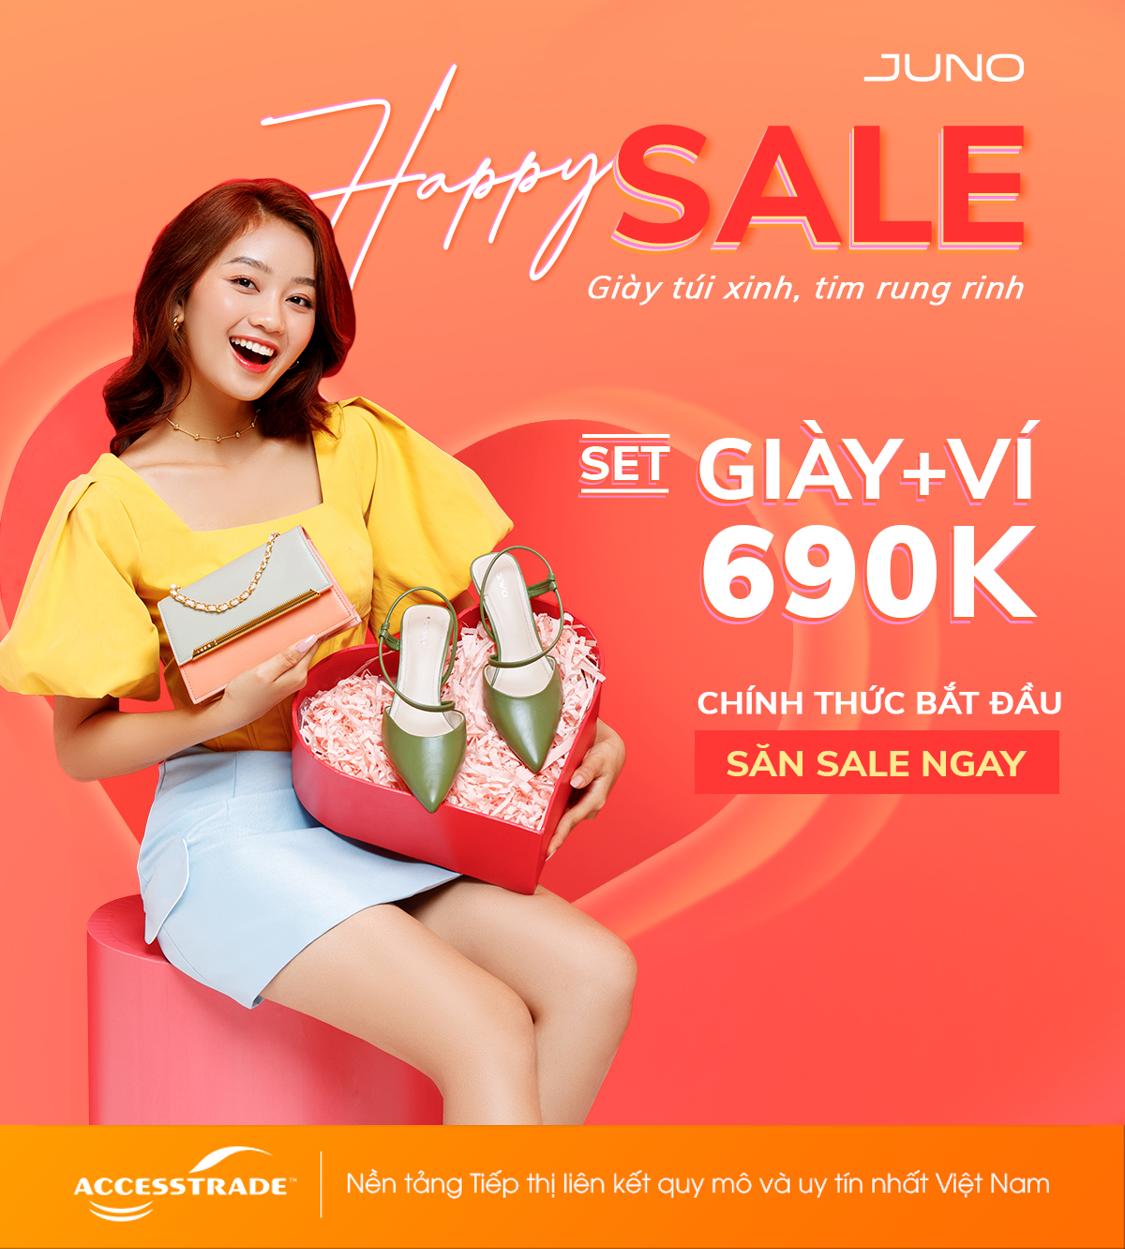 [ JUNO] 🤩 Happy Sale -Giày túi xinh tim rung rinh